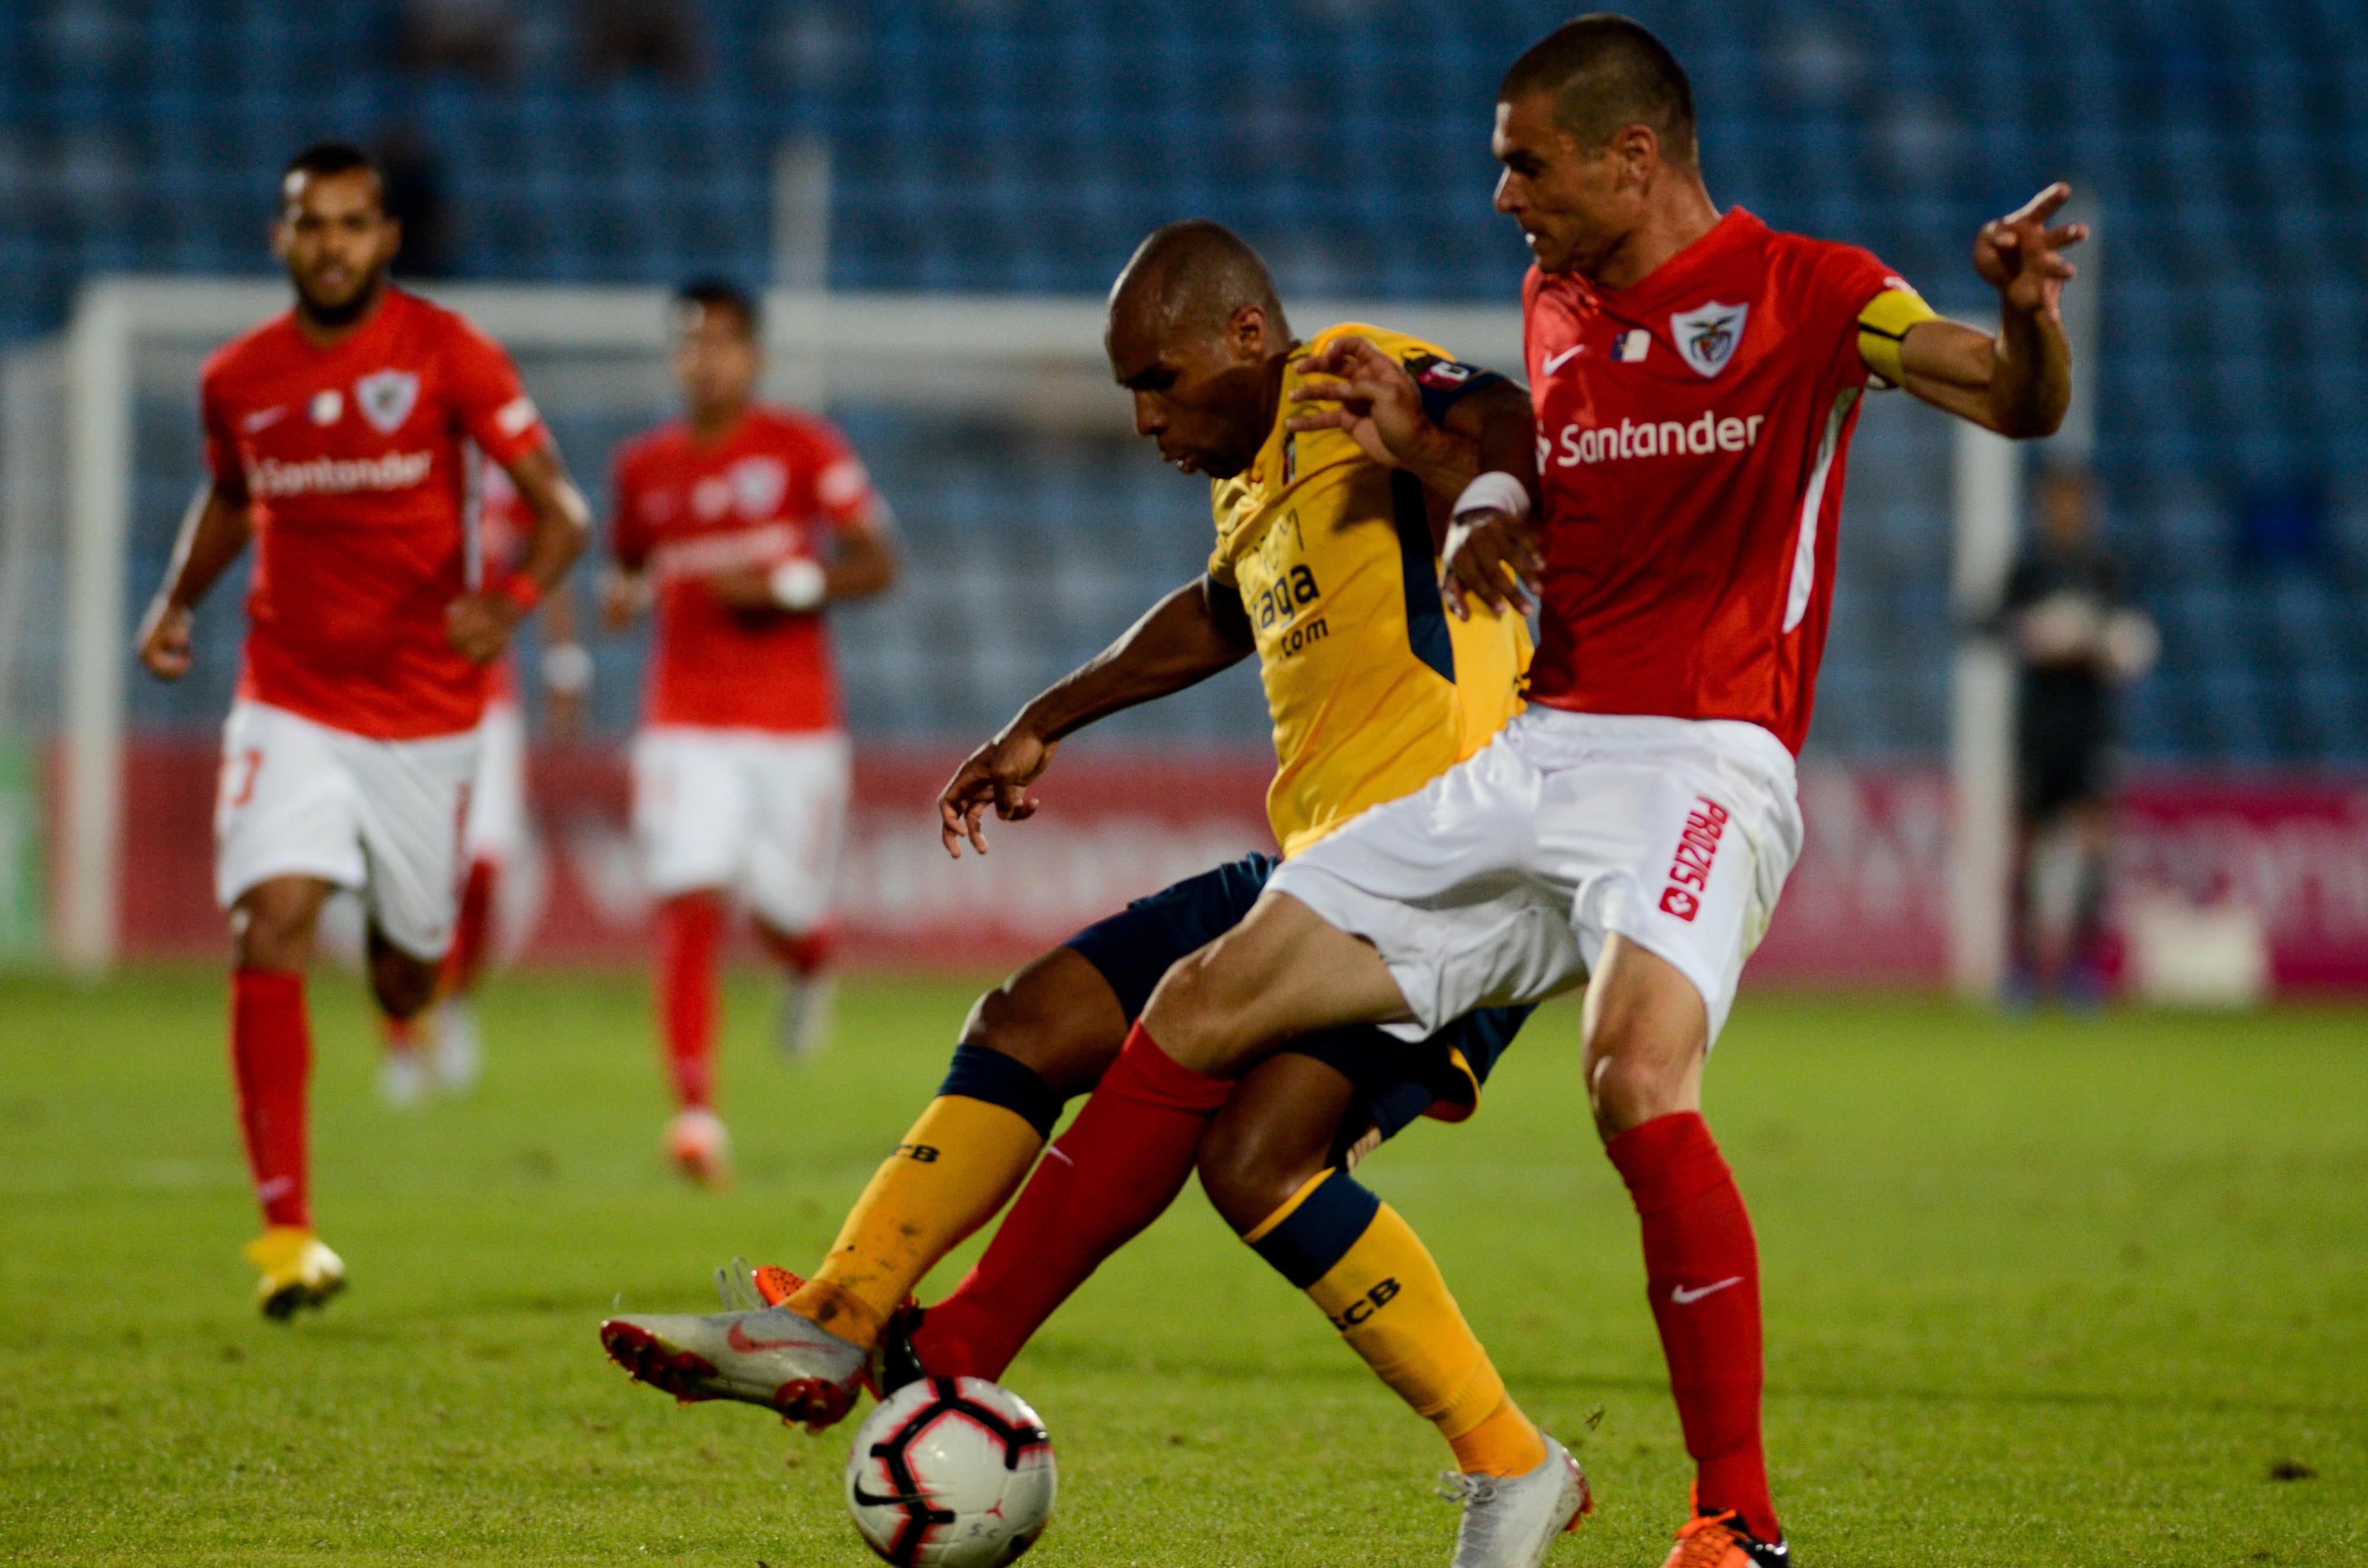 Santa Clara recupera de desvantagem de 3-0 e empata com Sporting de Braga